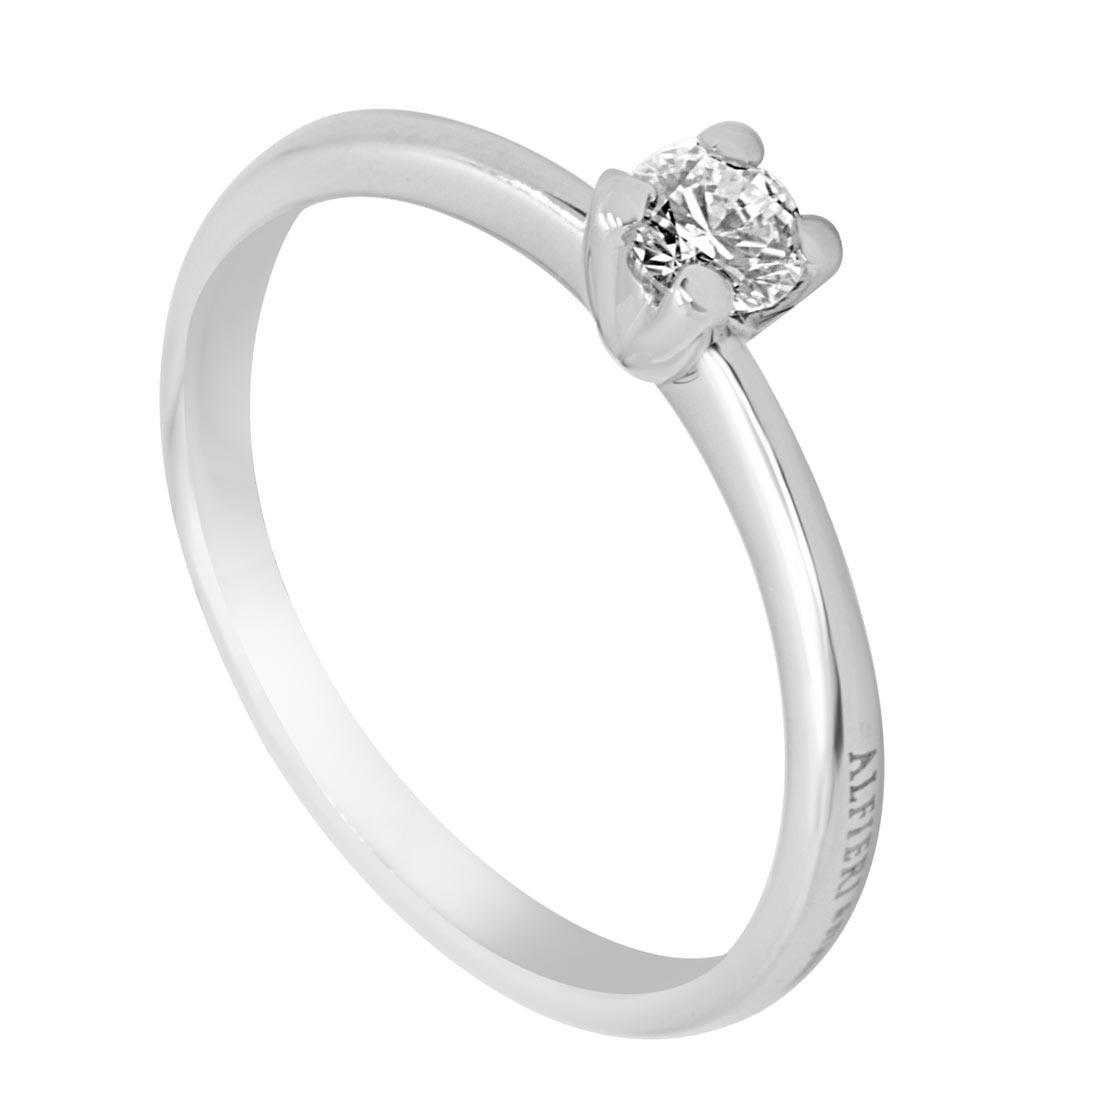 Anello solitario in oro bianco con diamante 0,22 ct mis 13 - ALFIERI ST JOHN